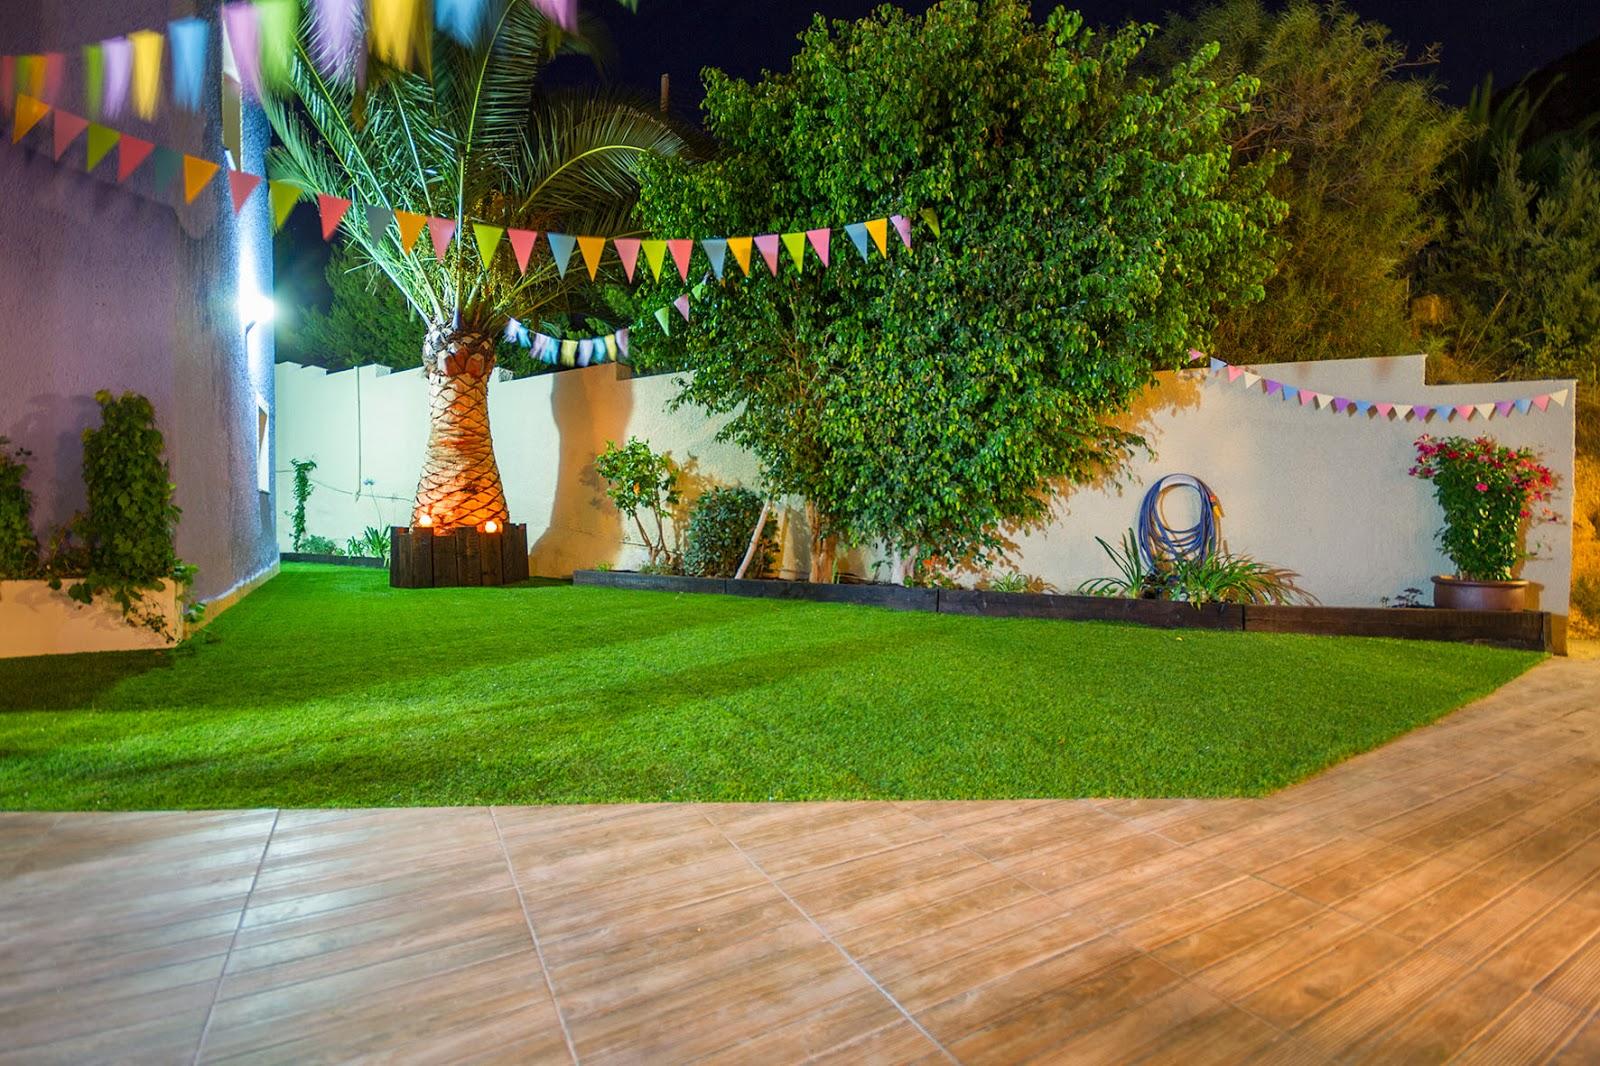 Verde que te quiero verde jardiner a benidorm for Jardin 81 treinta y tres